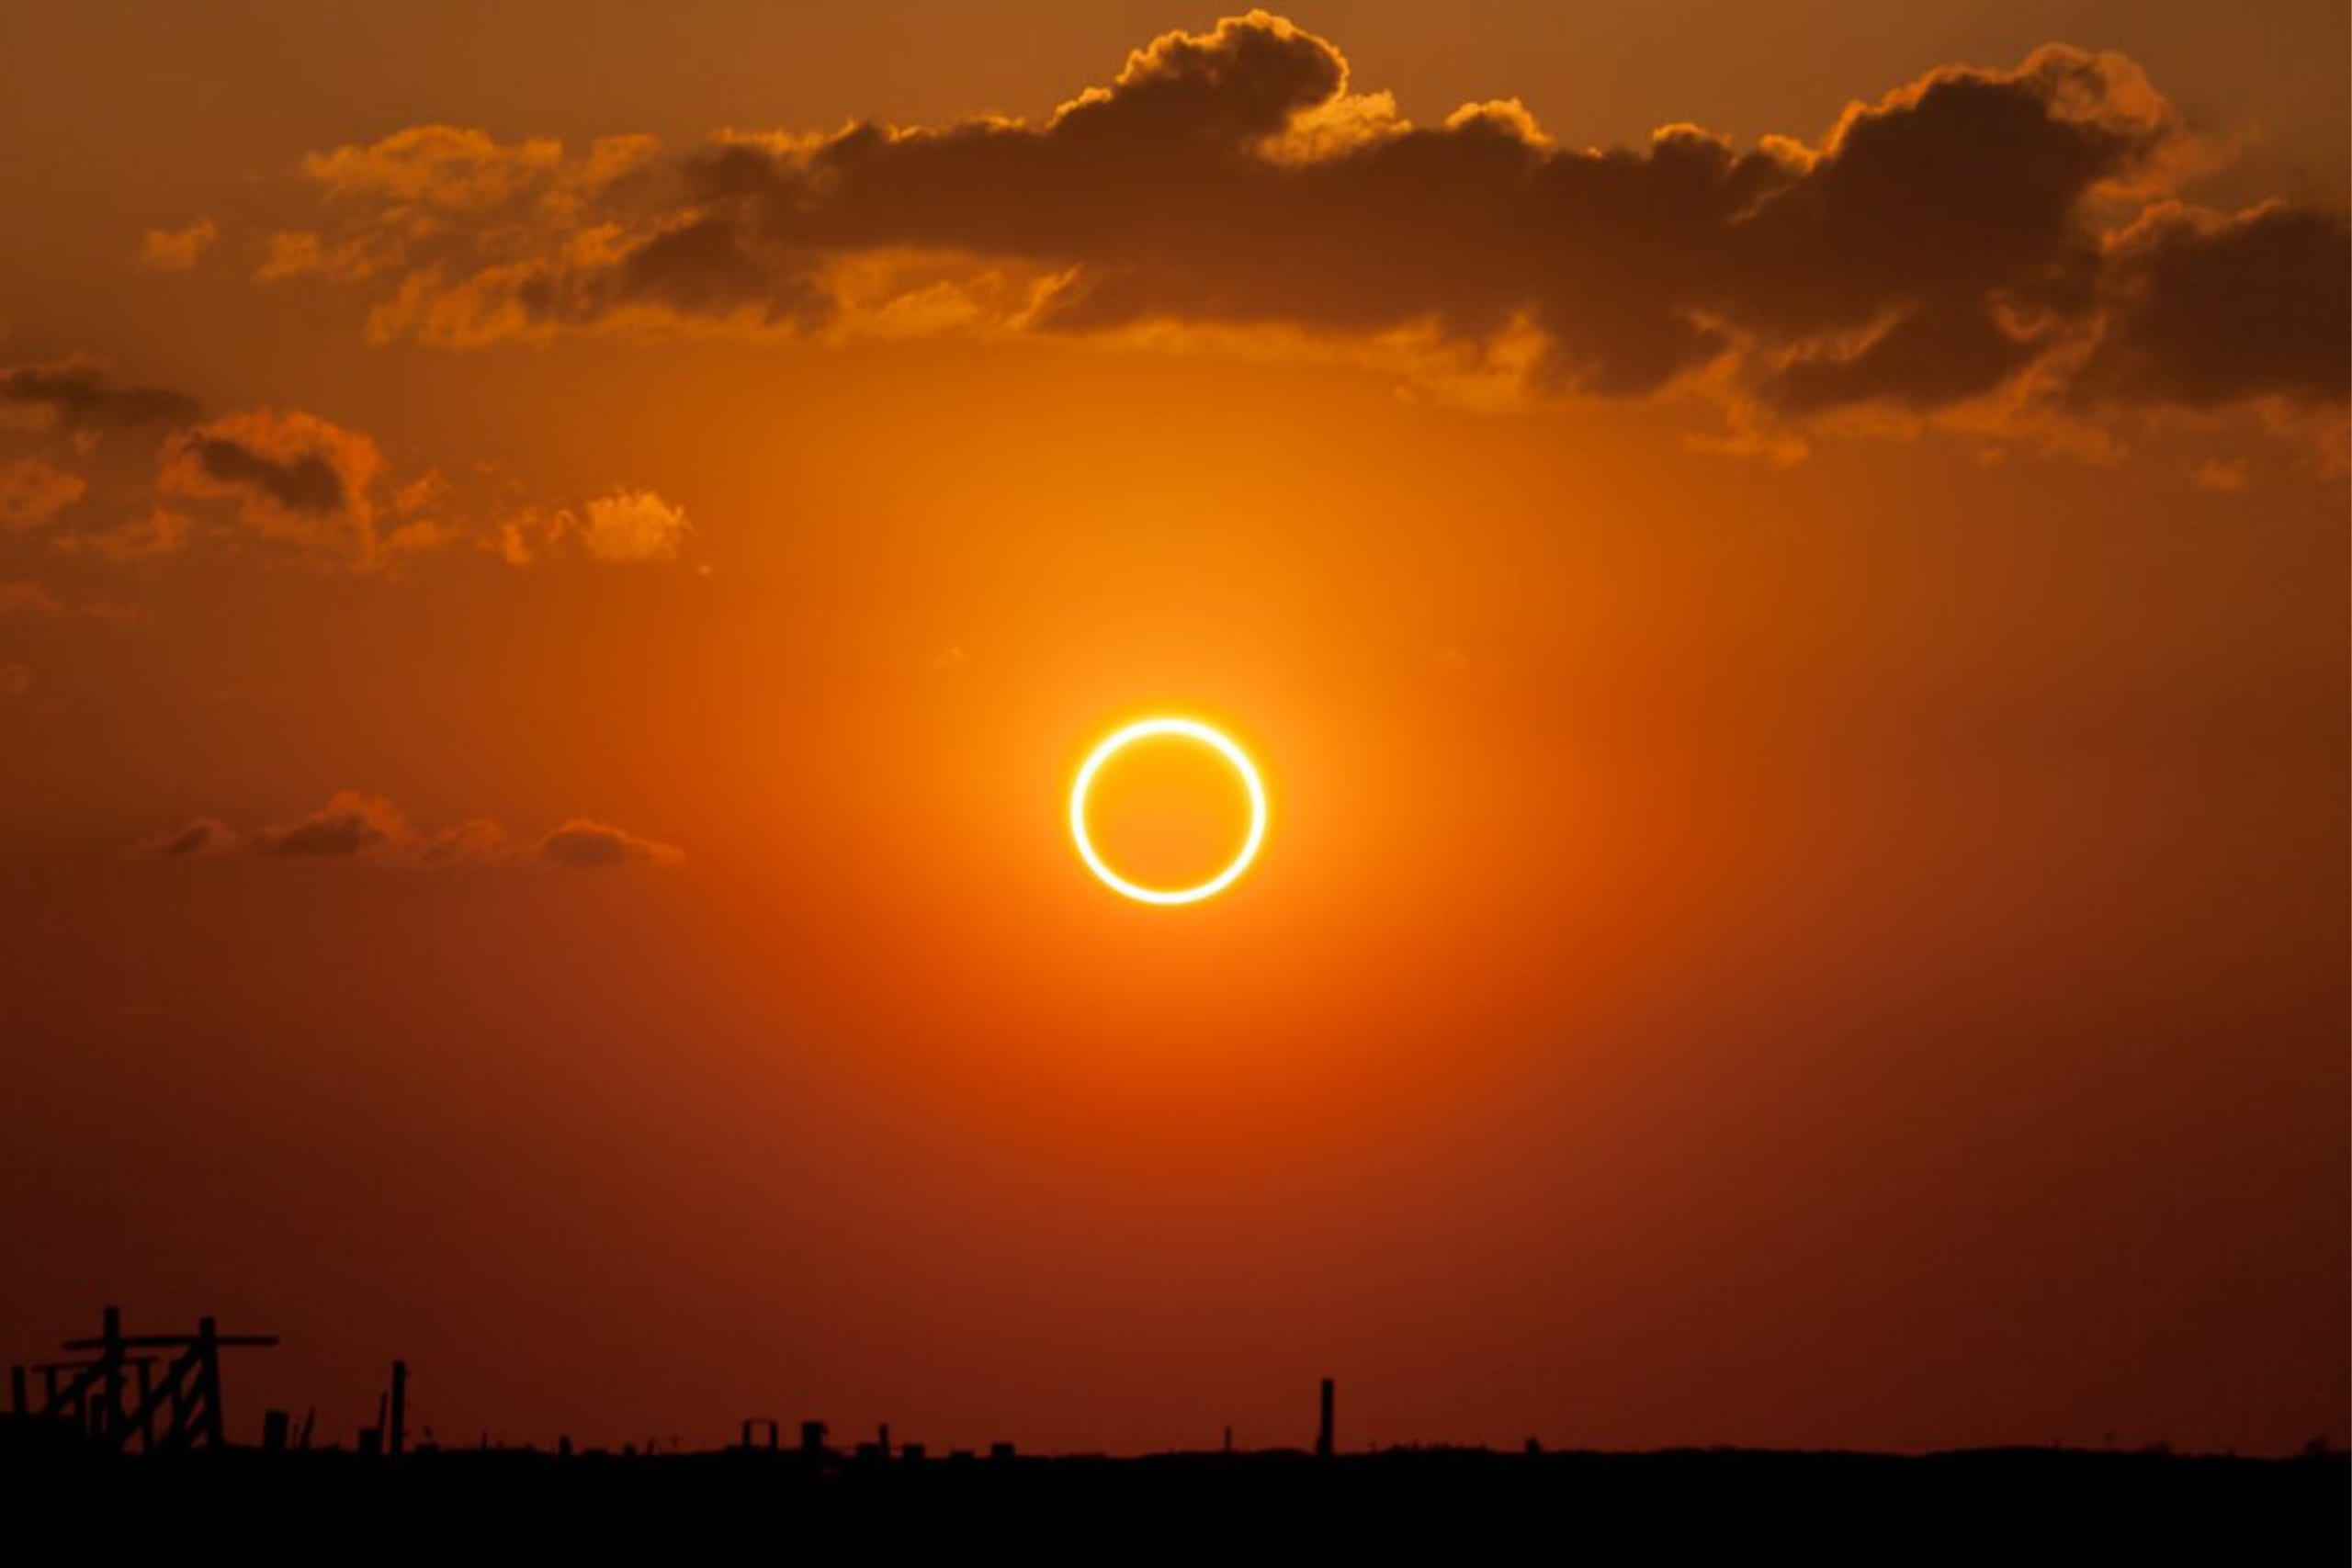 Vì sao không nên dùng mắt trực tiếp quan sát nhật thực?